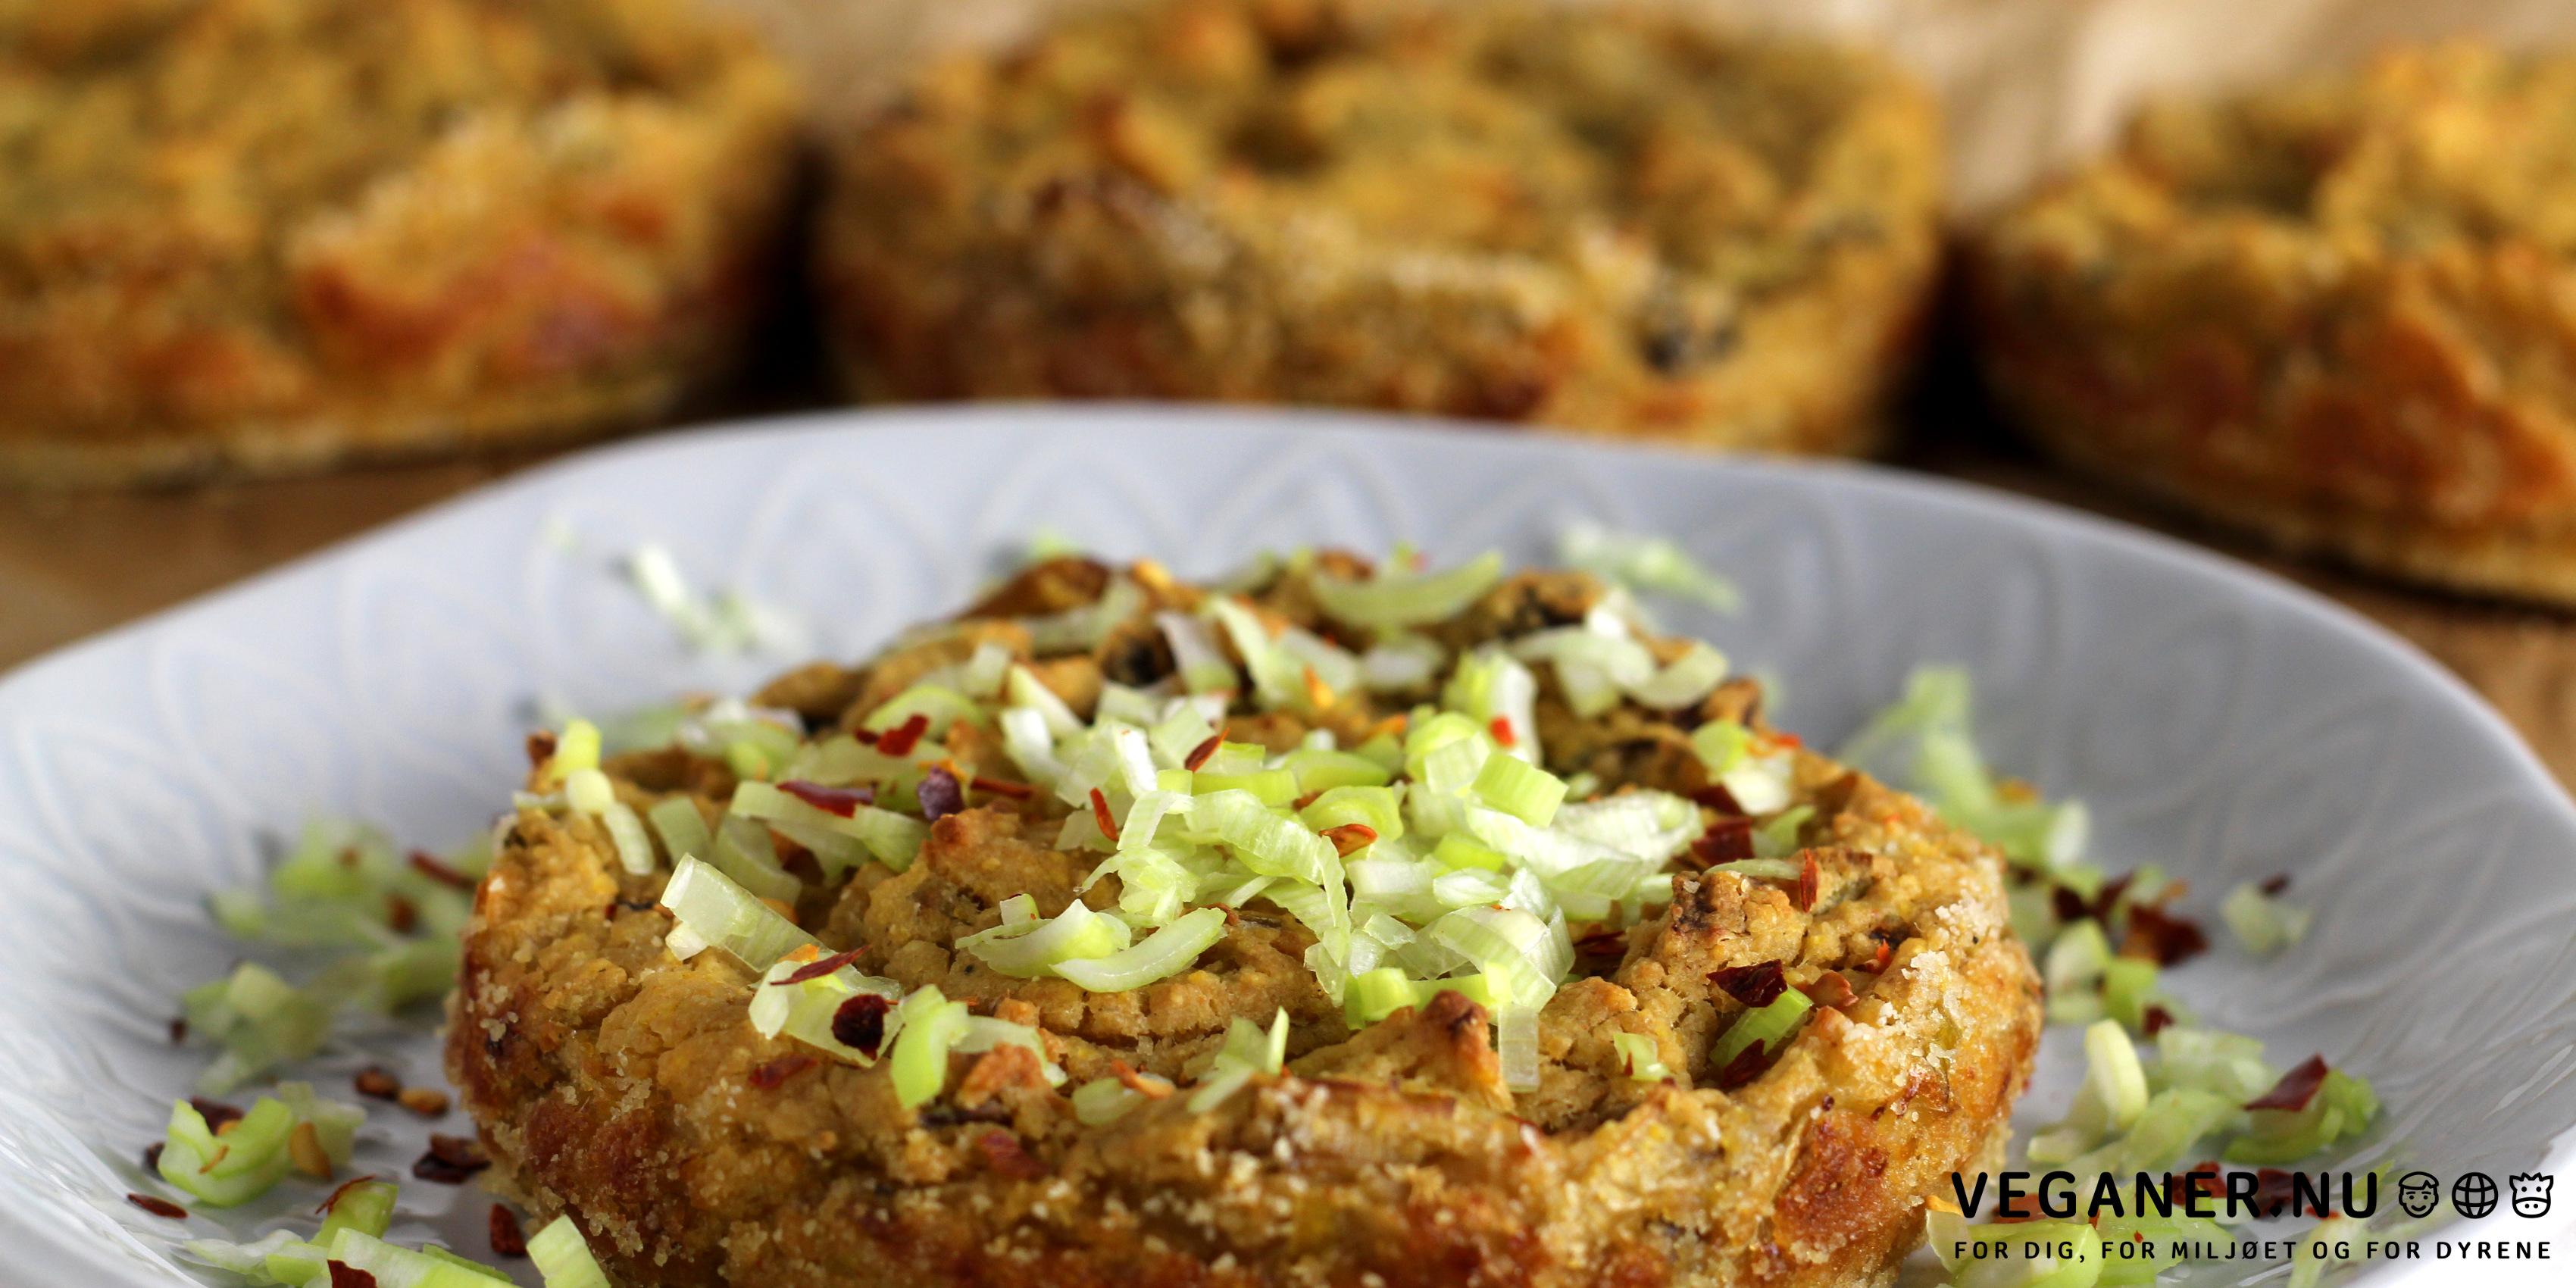 Veganer.nu-glutenfri minitærter